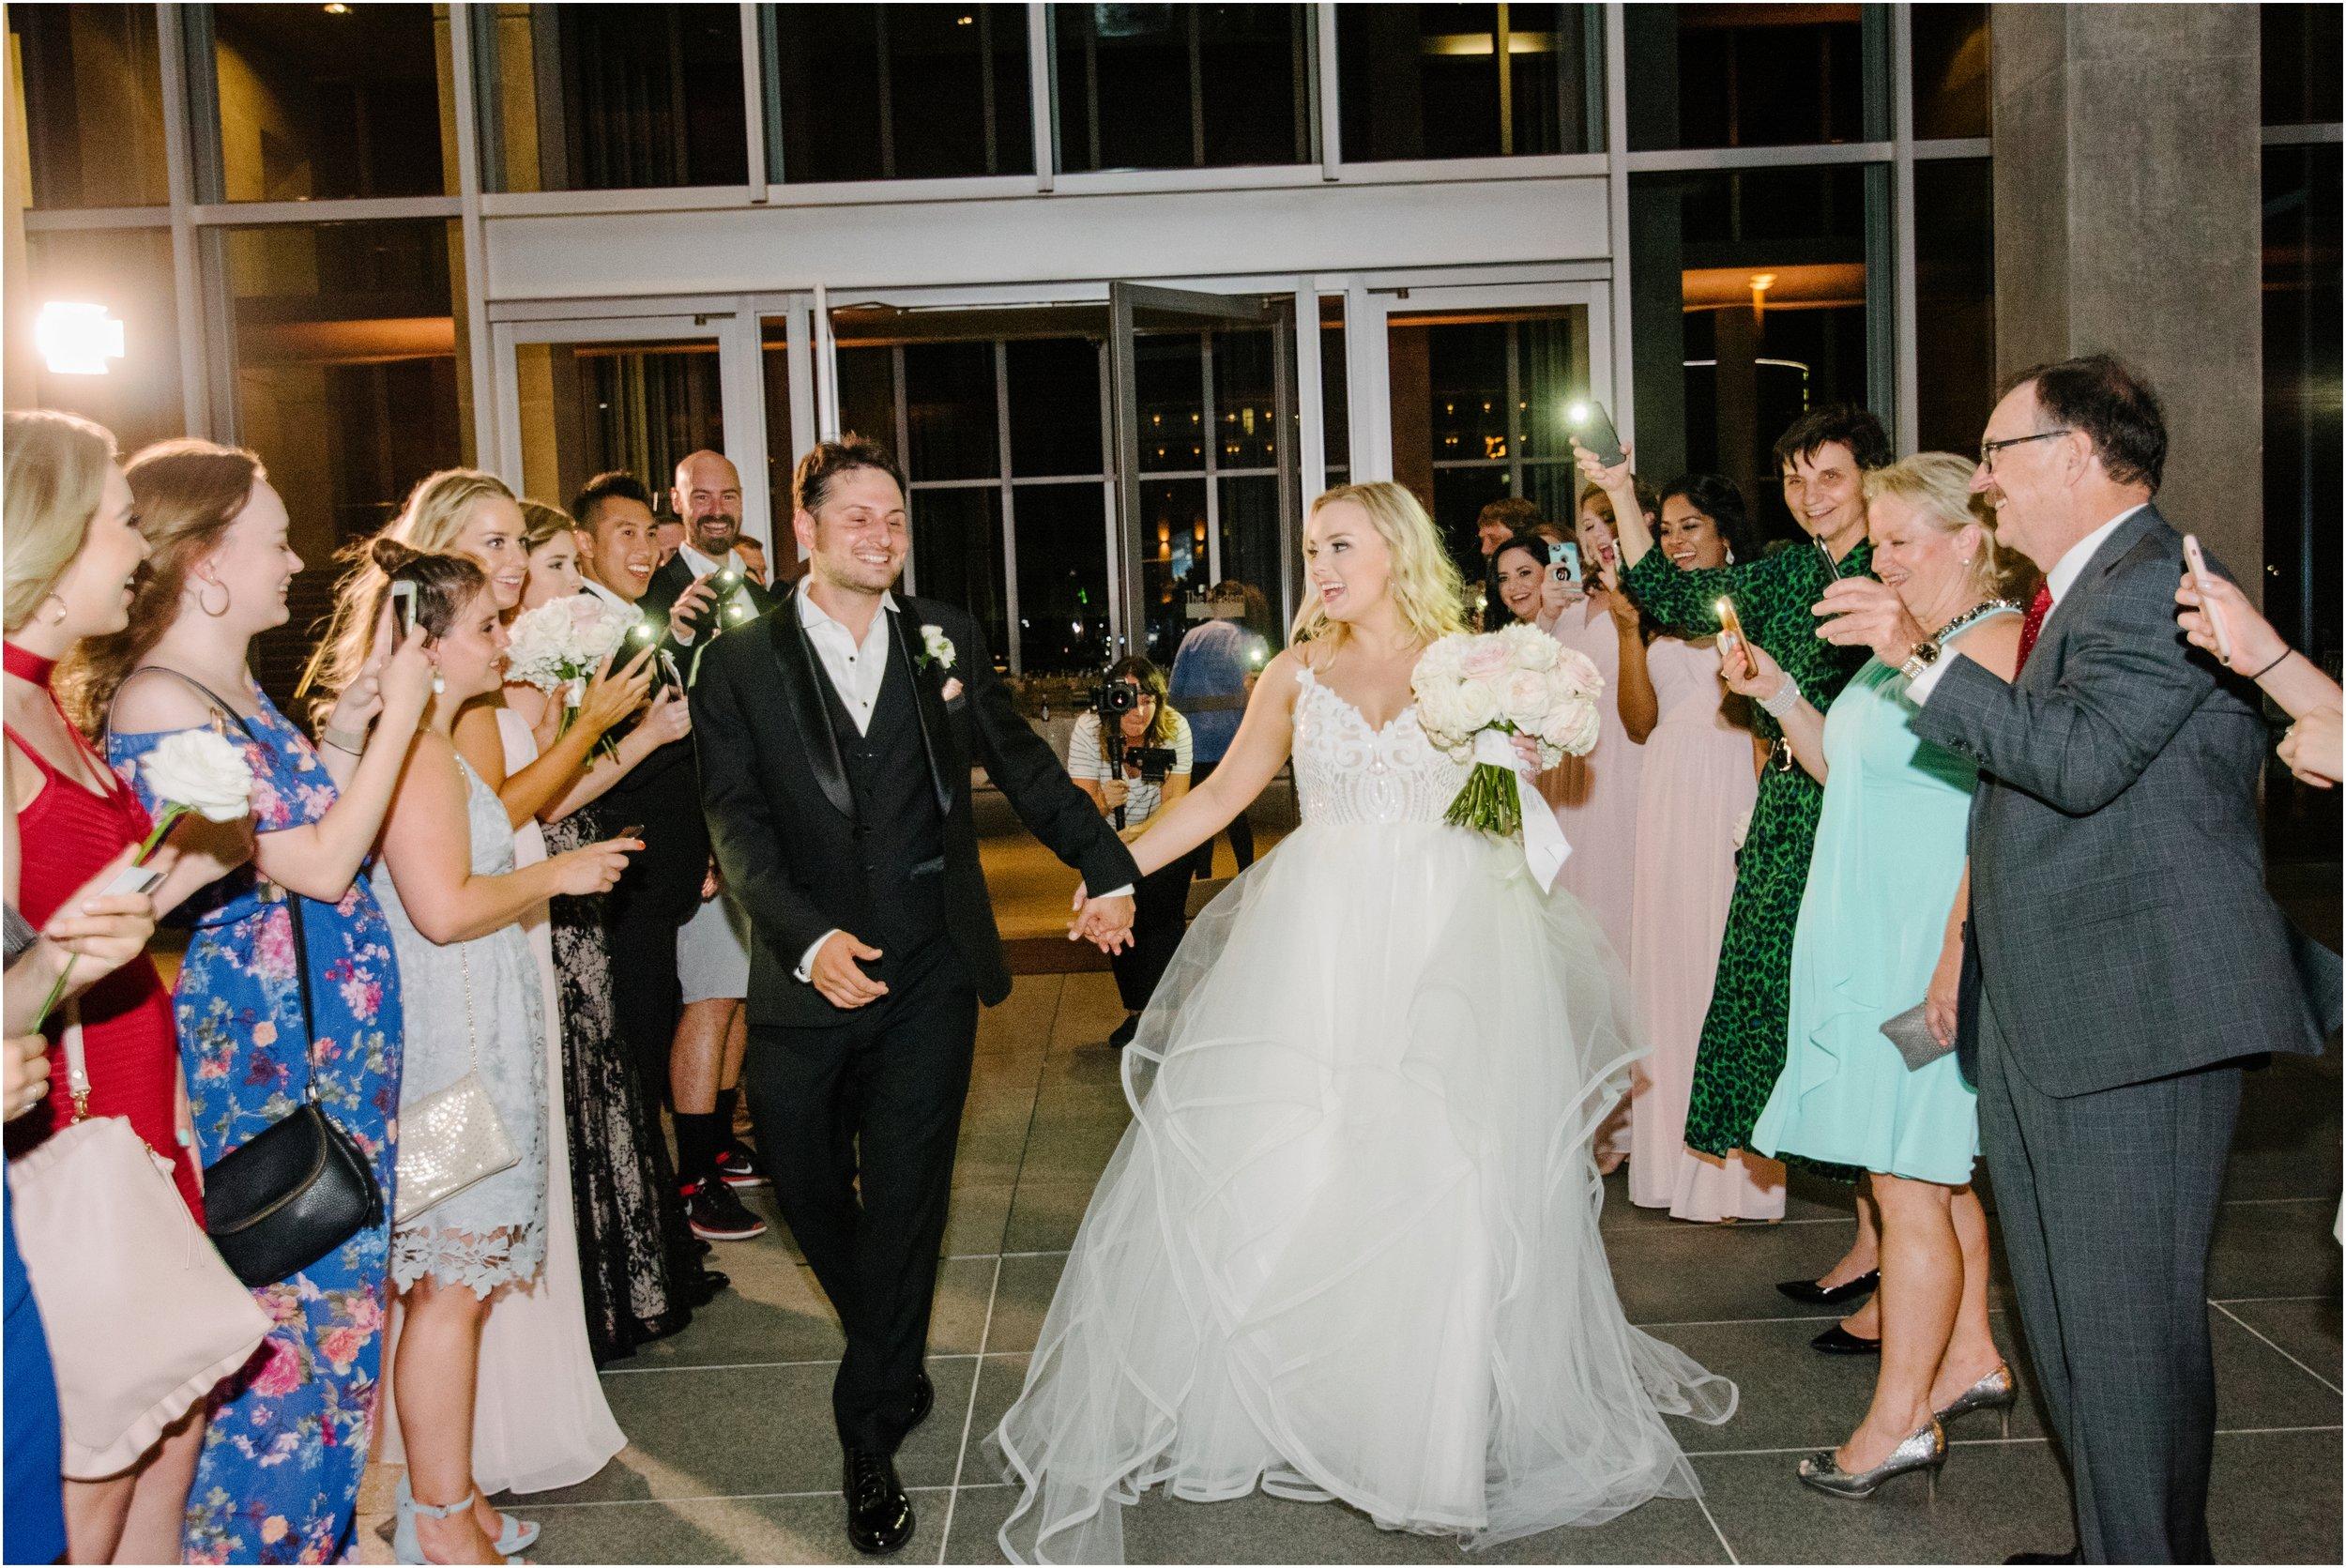 dallasweddingphotographer_fortworthweddingphotographer_texasweddingphotographer_mattandjulieweddings_0036.jpg